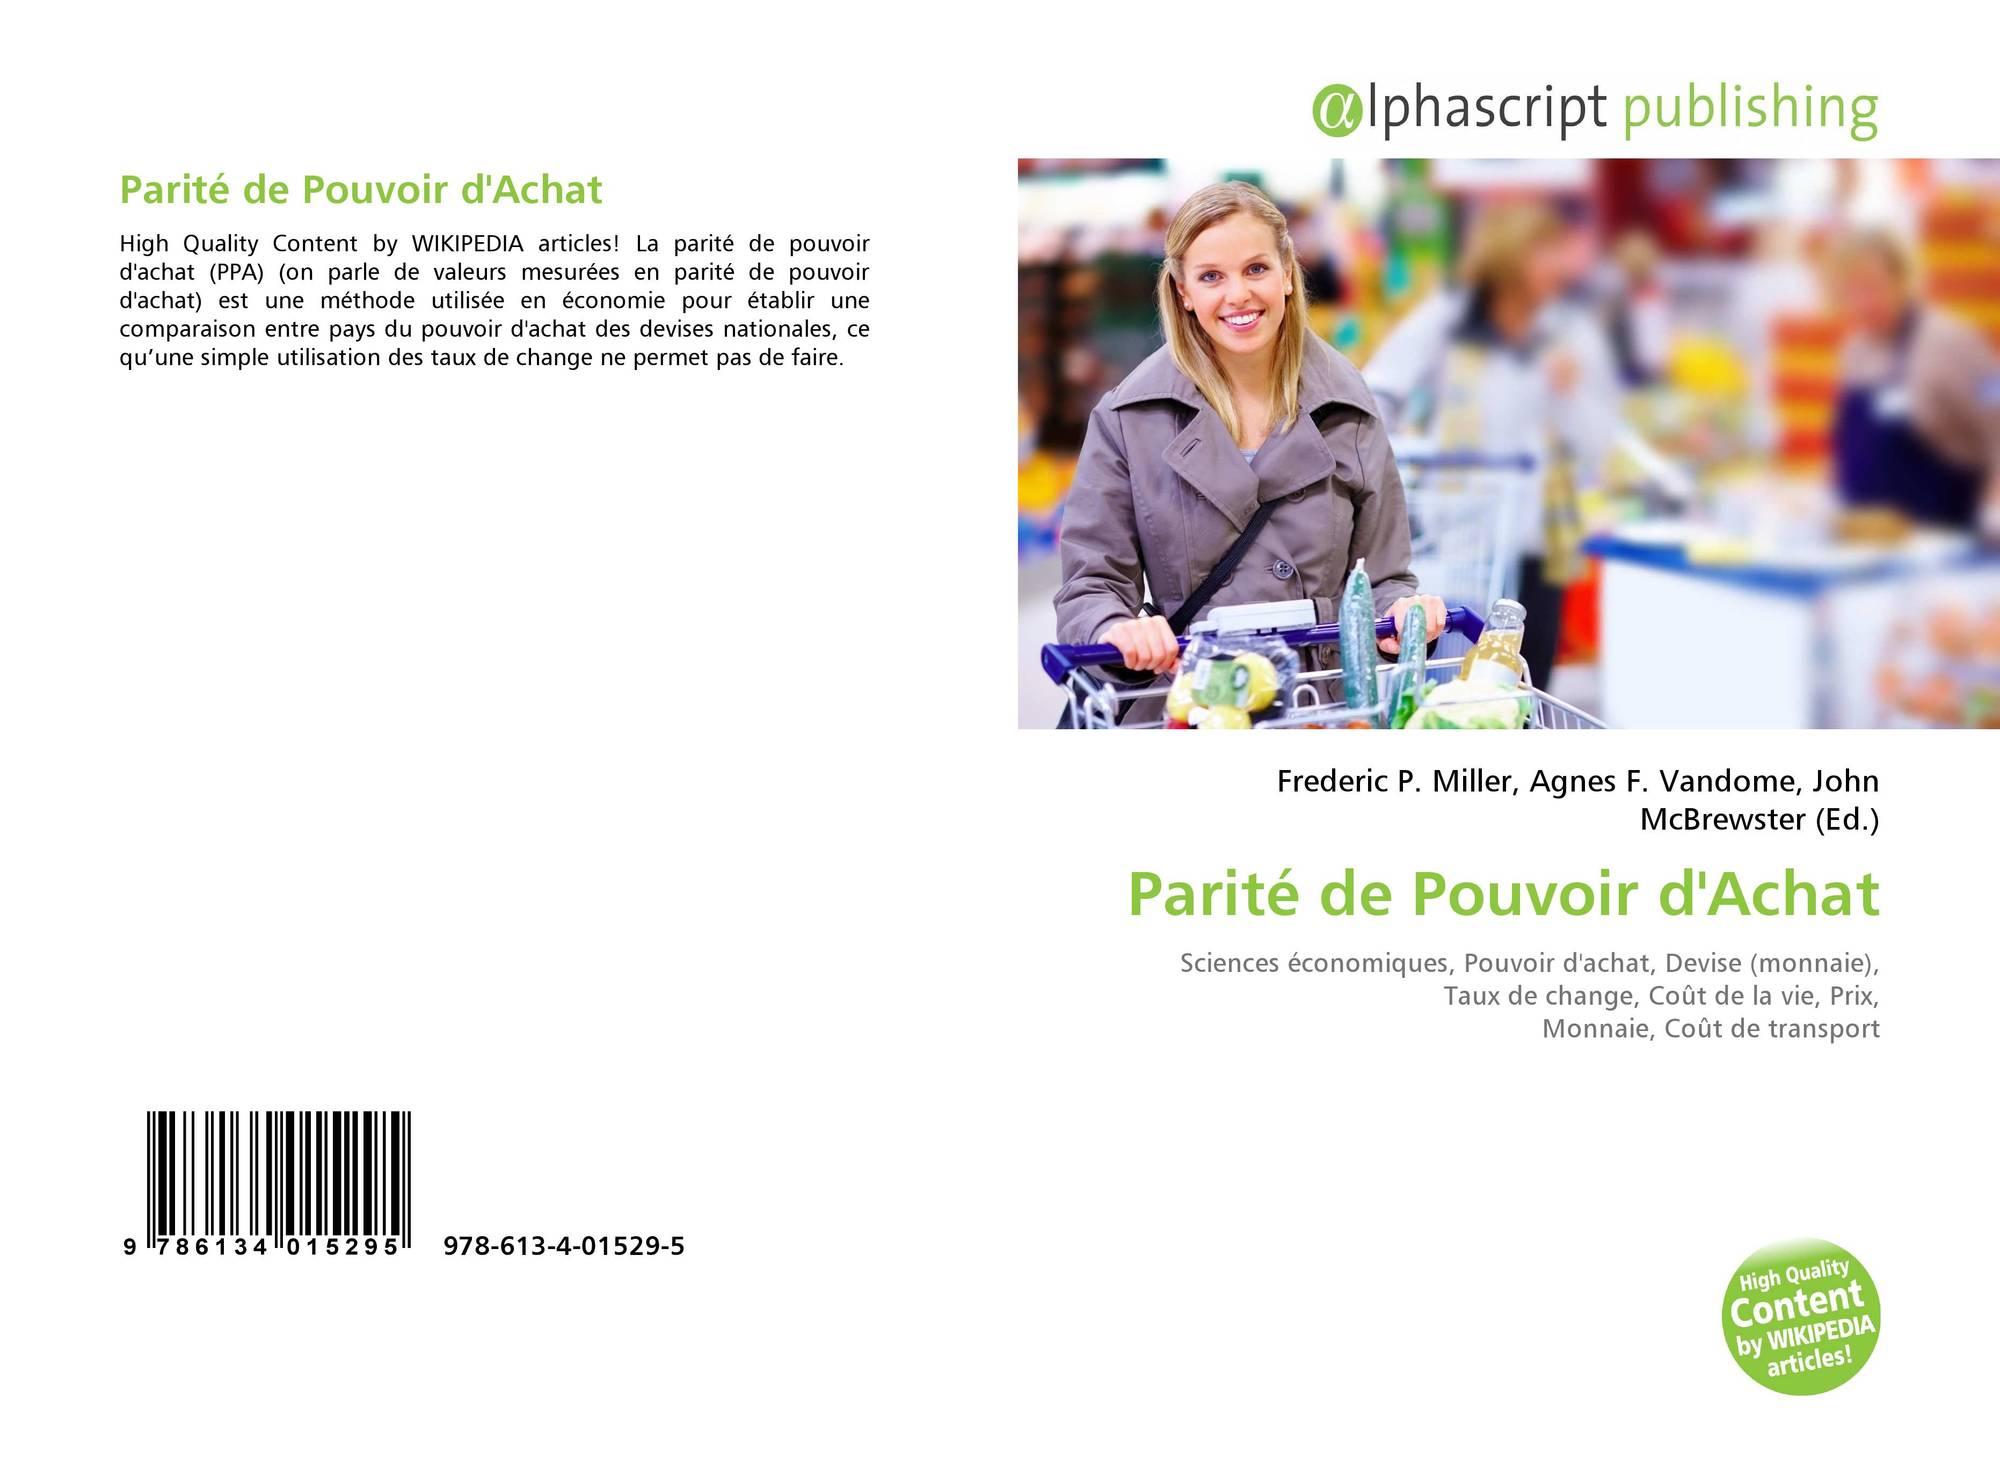 Parite De Pouvoir D Achat 978 613 4 01529 5 6134015296